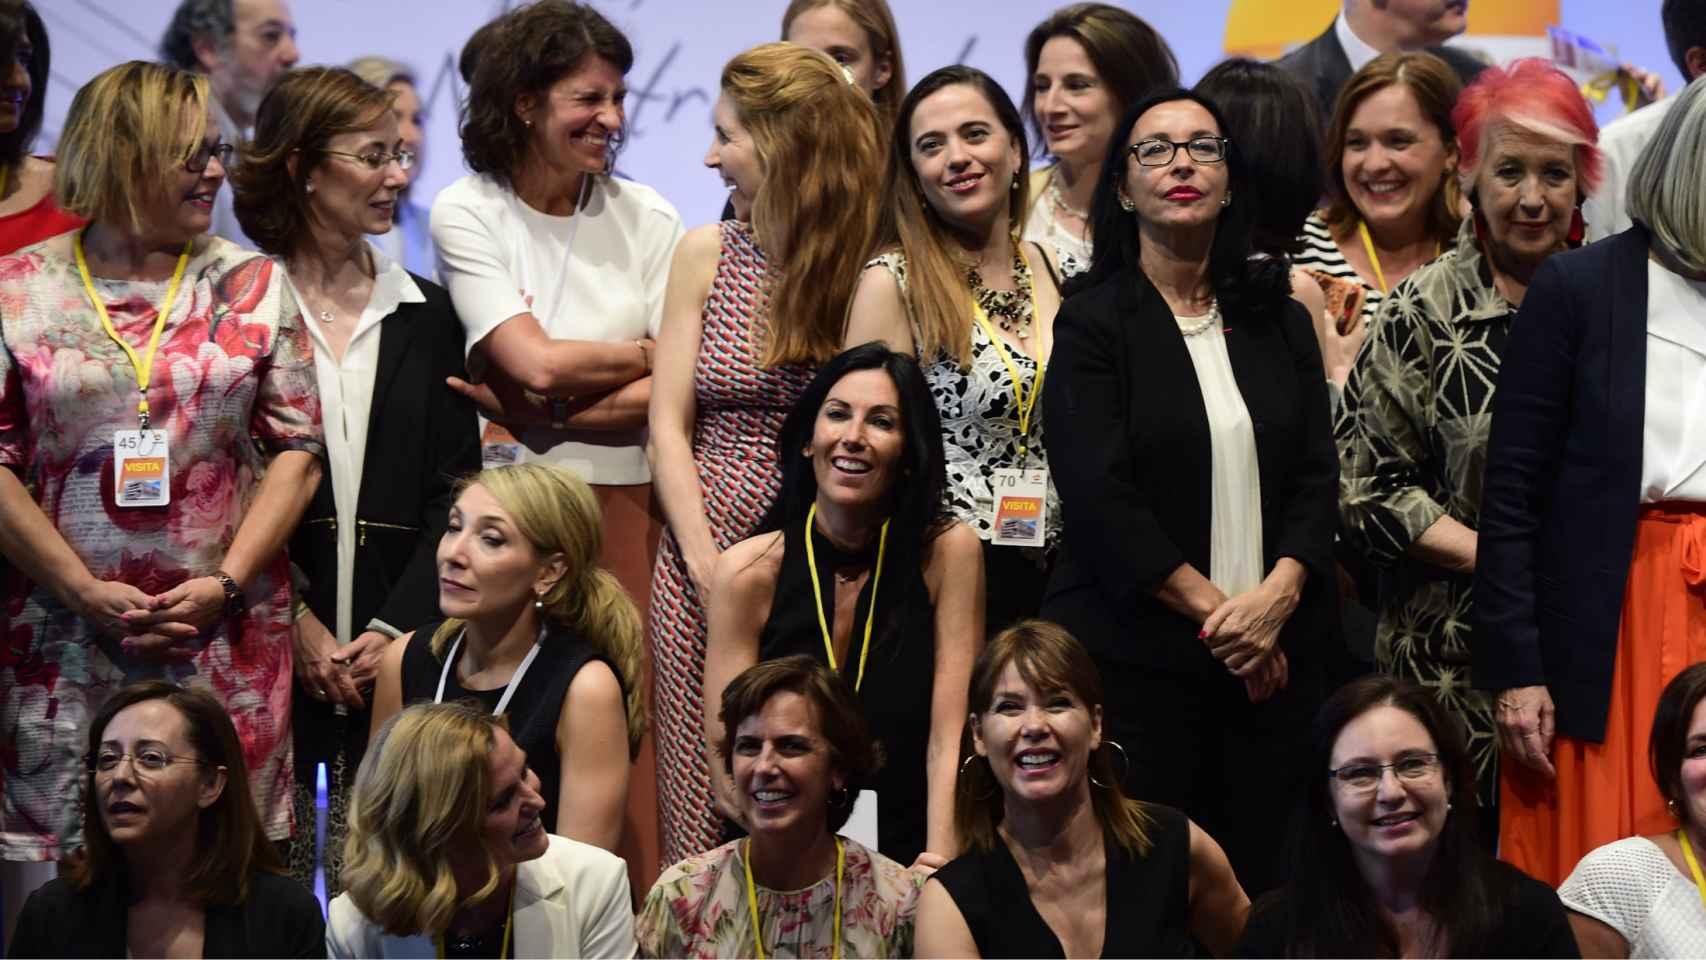 En el centro de la imagen, la consejera delegada de EL ESPAÑOL, Eva Fernández.